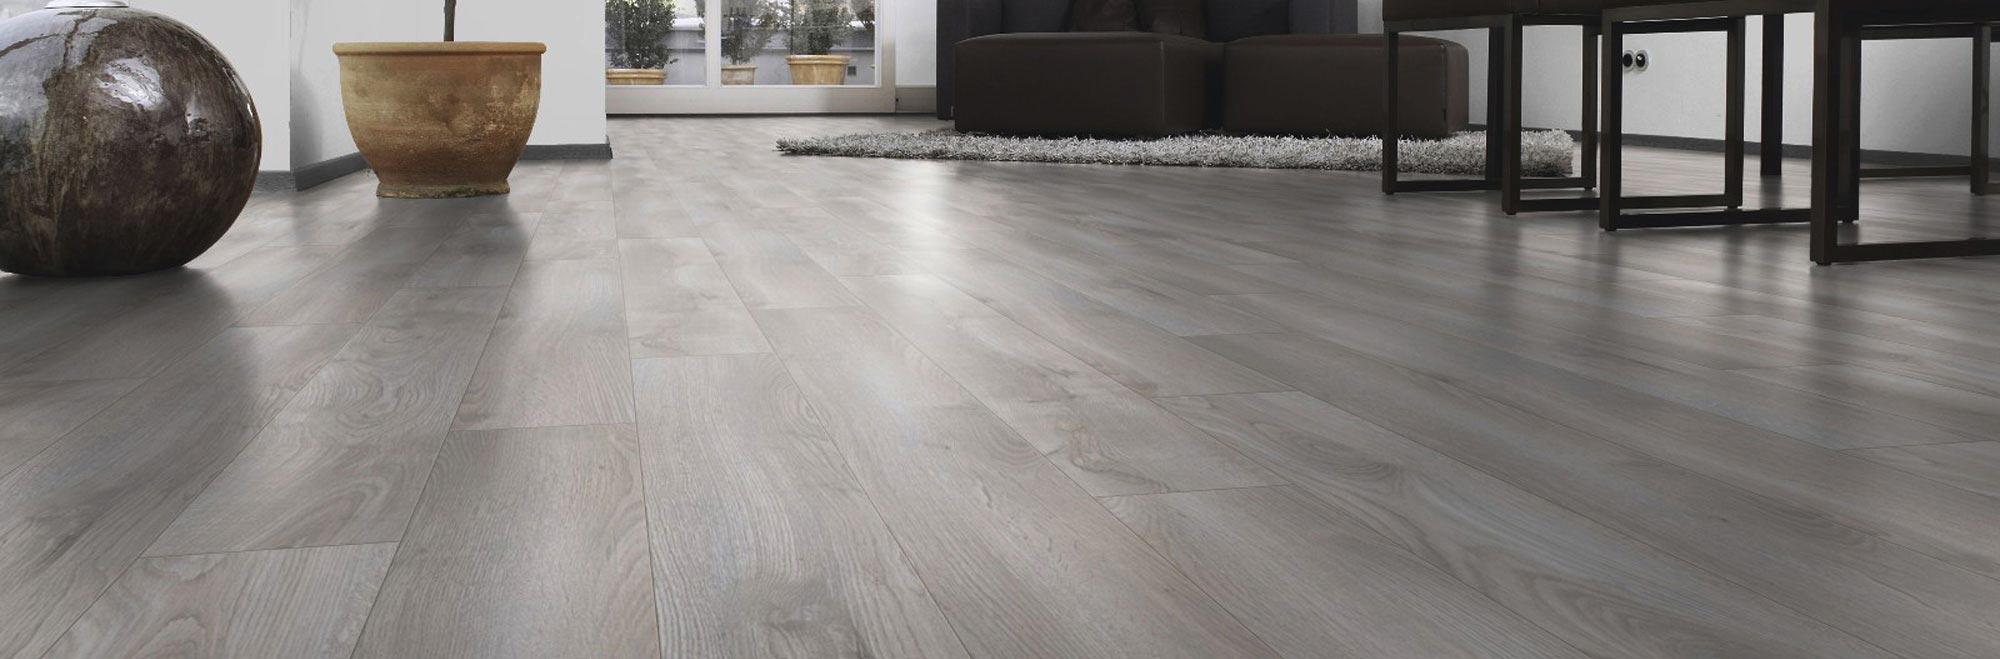 Hardwood Floor Store hardwood floor store las vegas Floor